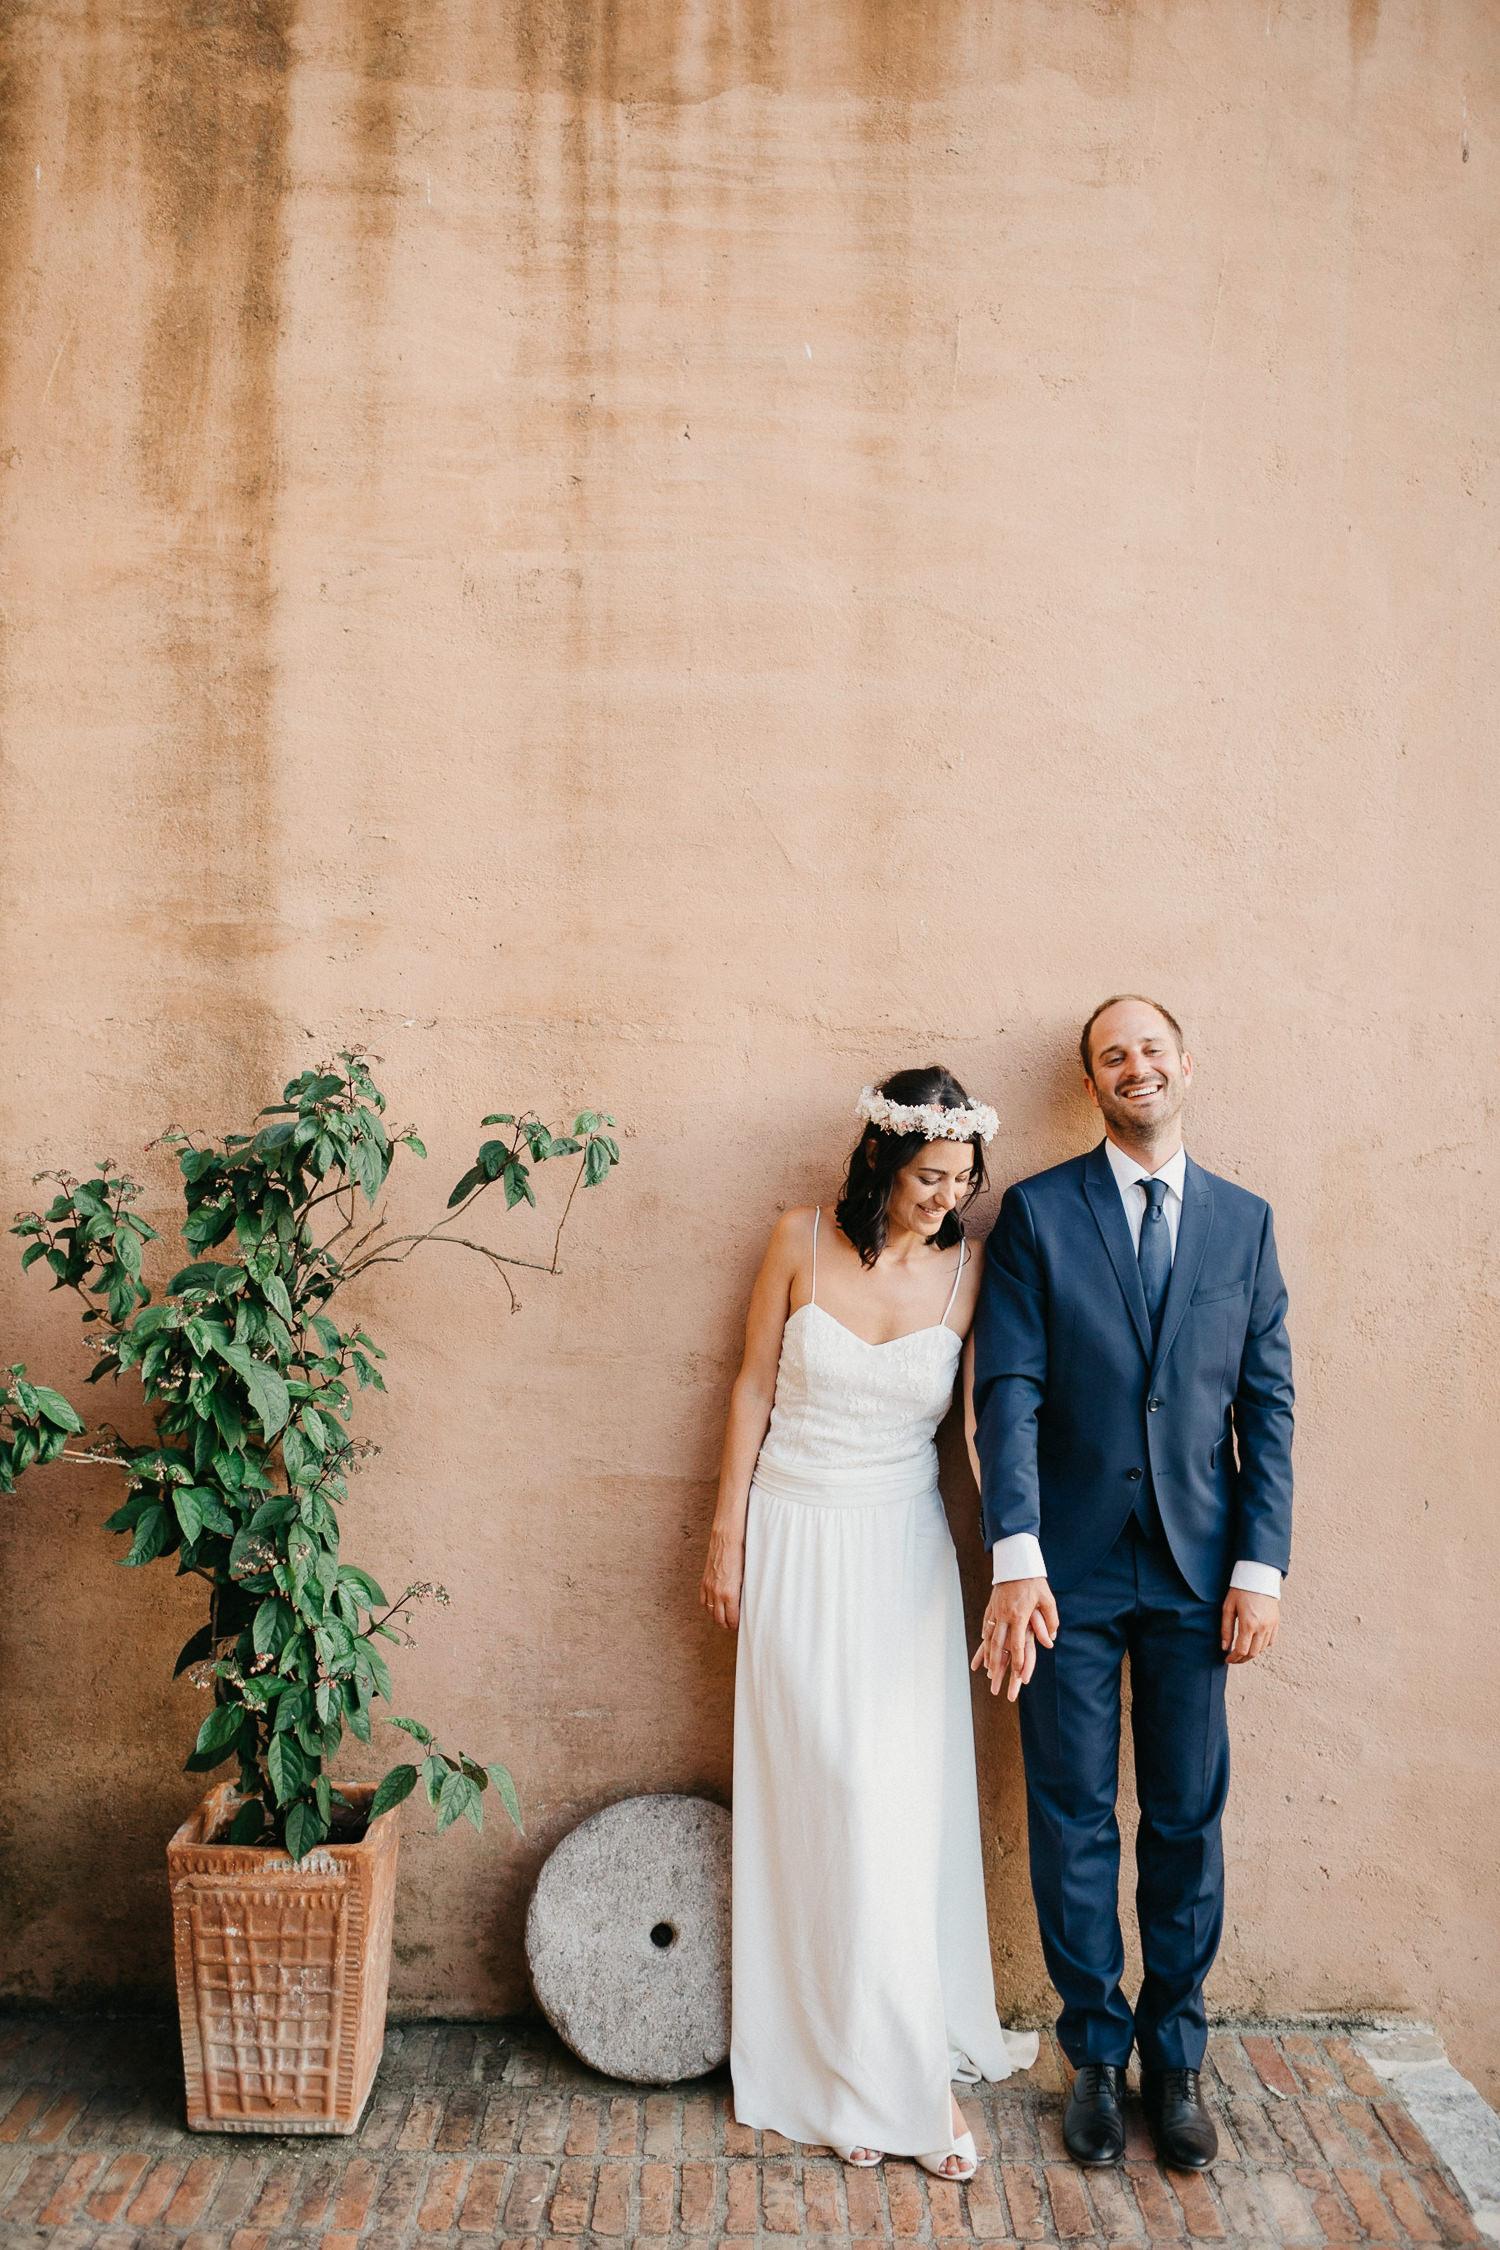 Wedding in Crete - Liron Erel Echoes & Wild Hearts 0078.jpg